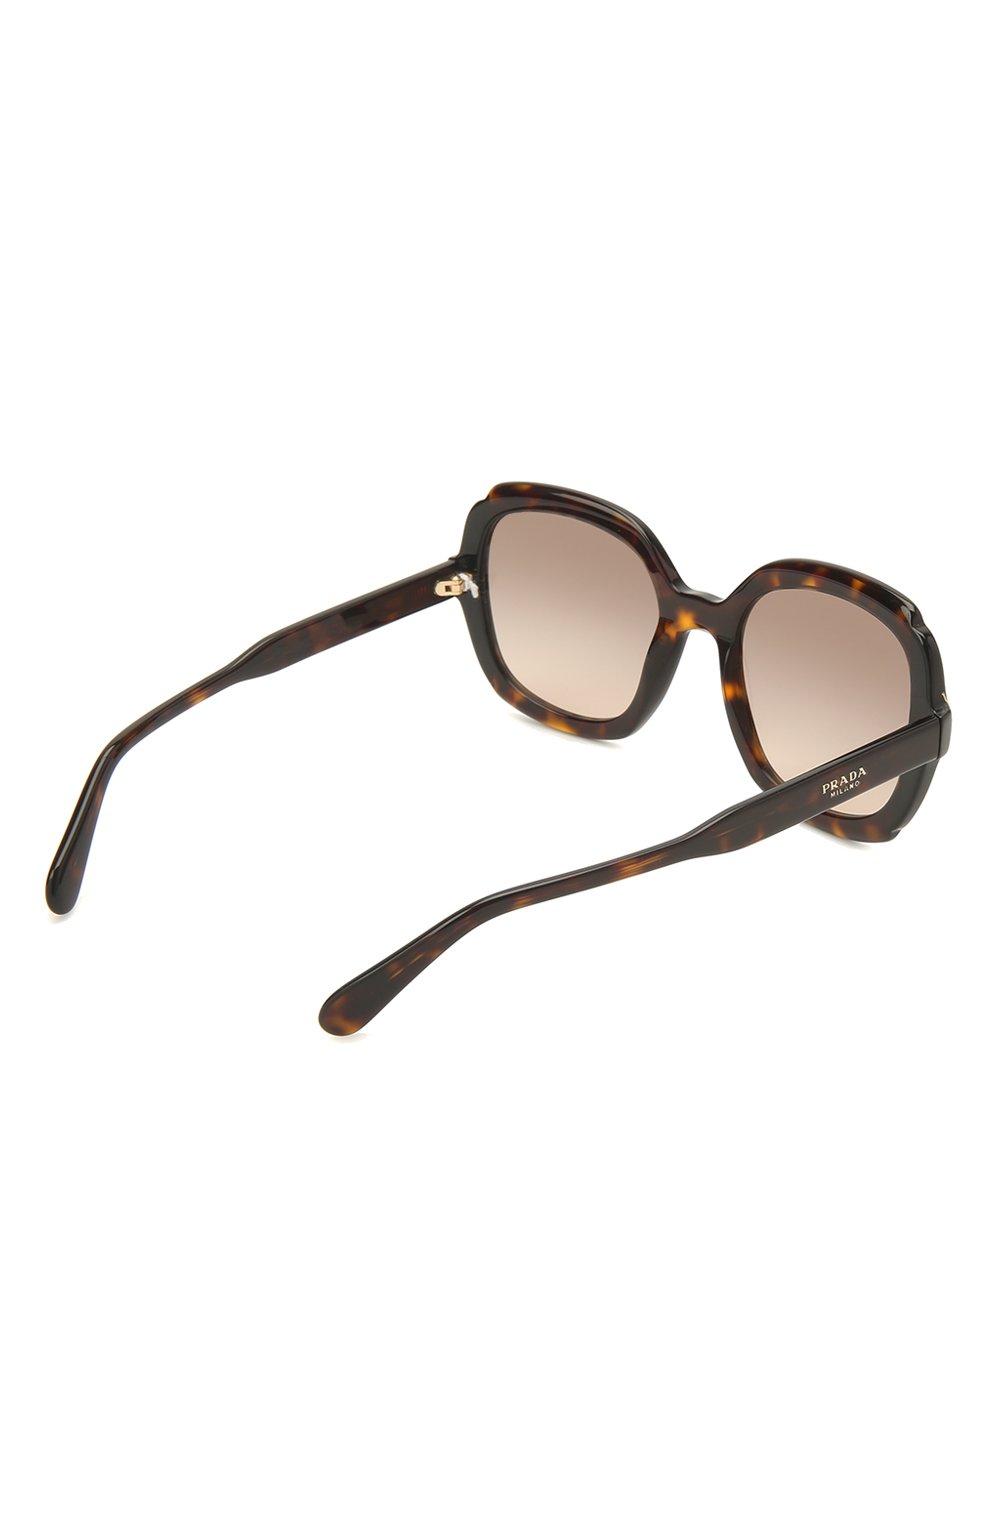 Женские солнцезащитные очки PRADA коричневого цвета, арт. 16US-3913D0   Фото 4